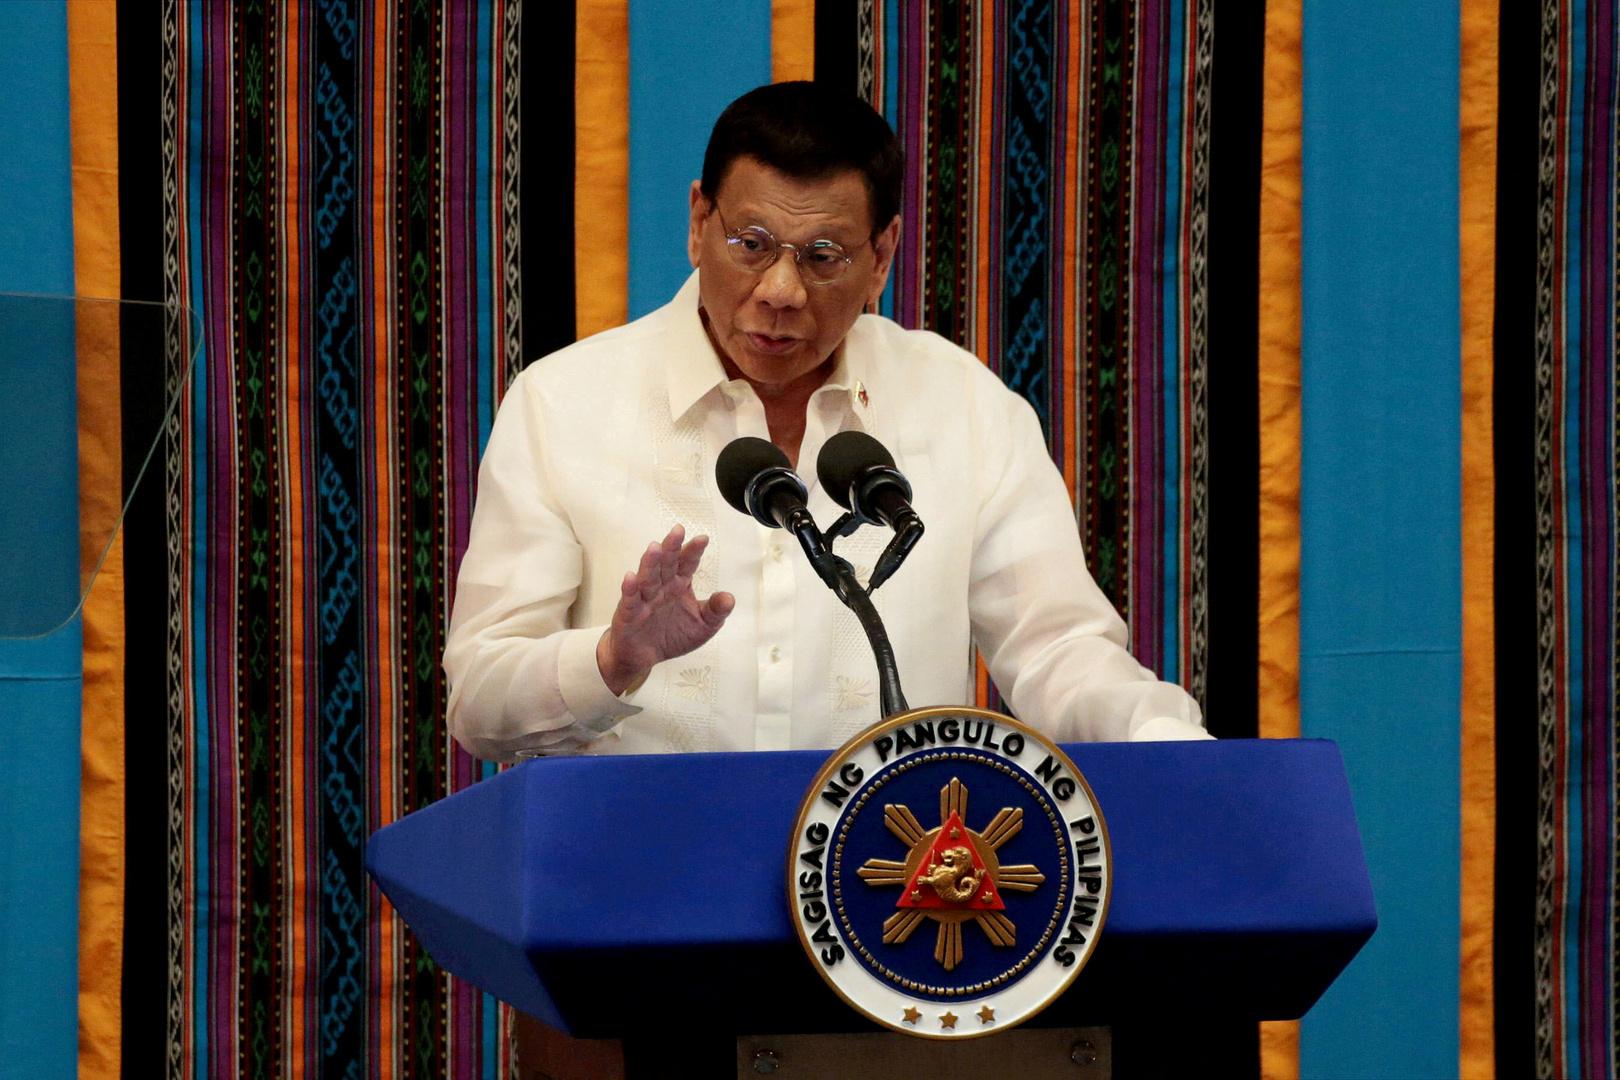 رئيس الفلبين: الاتحاد الأوروبي يرتهن منتجي اللقاحات